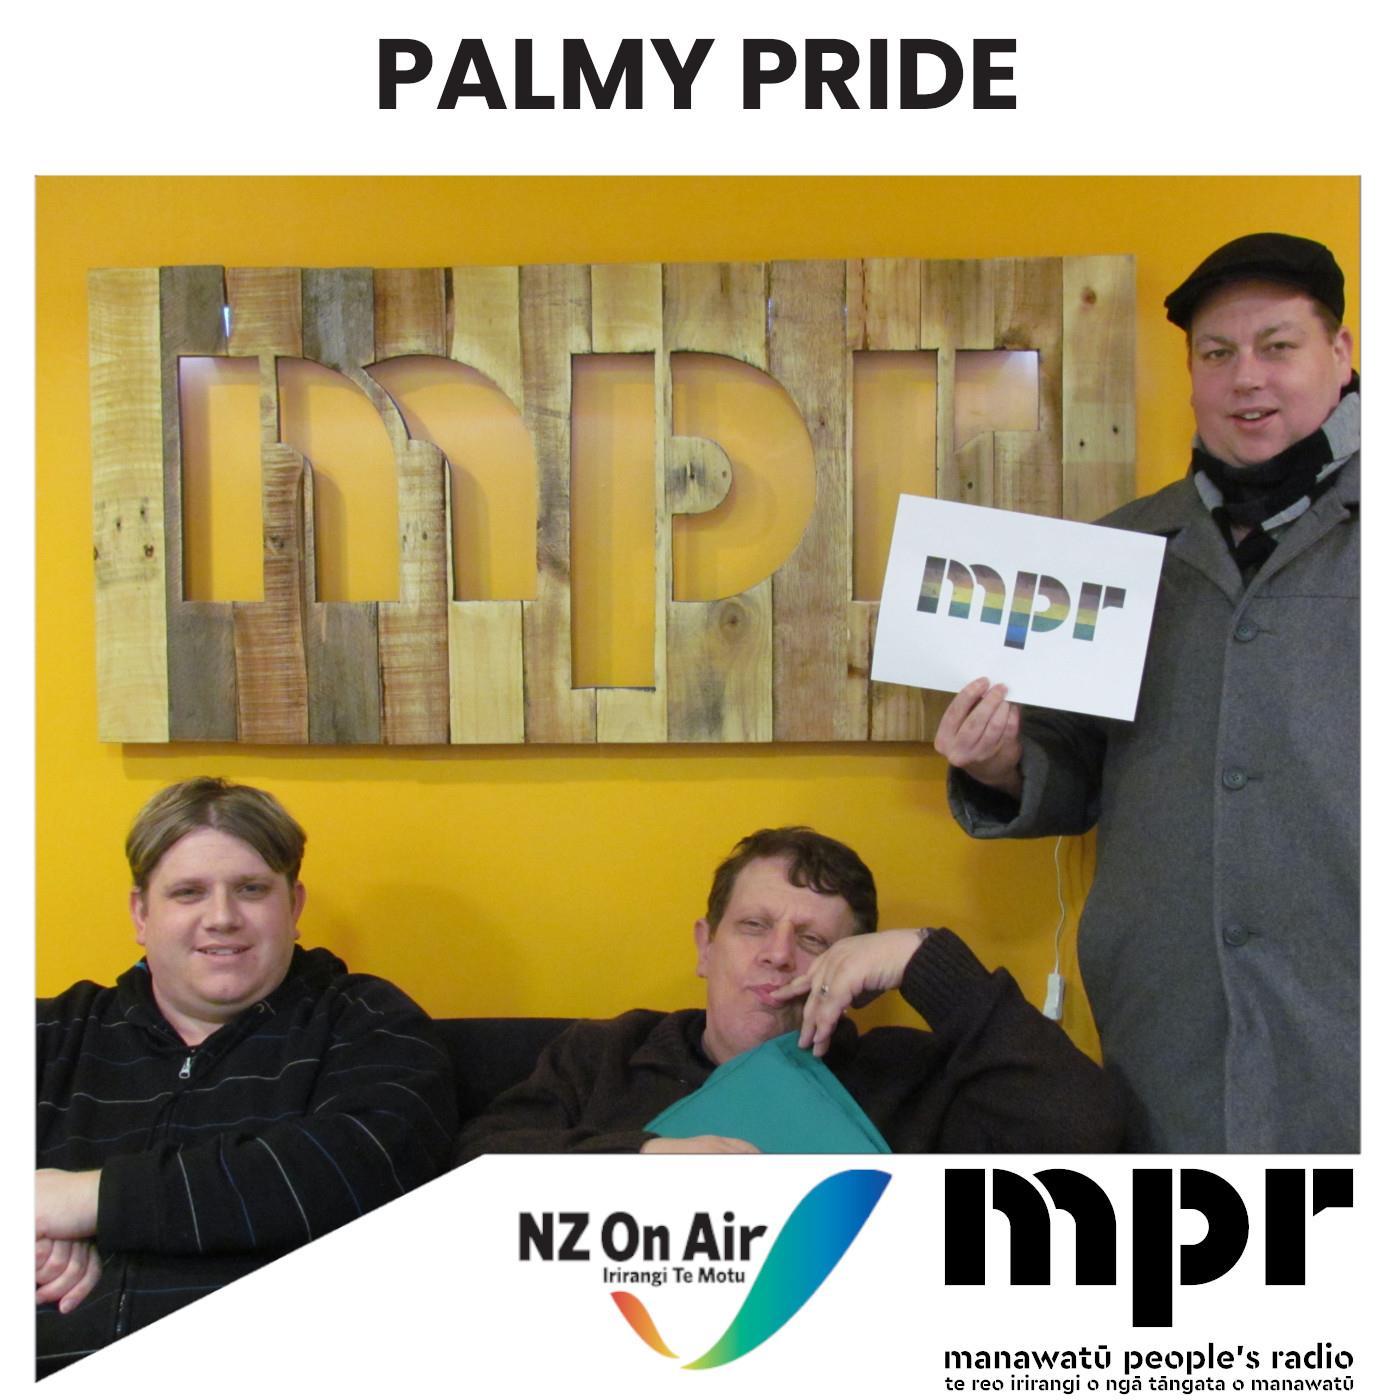 Palmy Pride